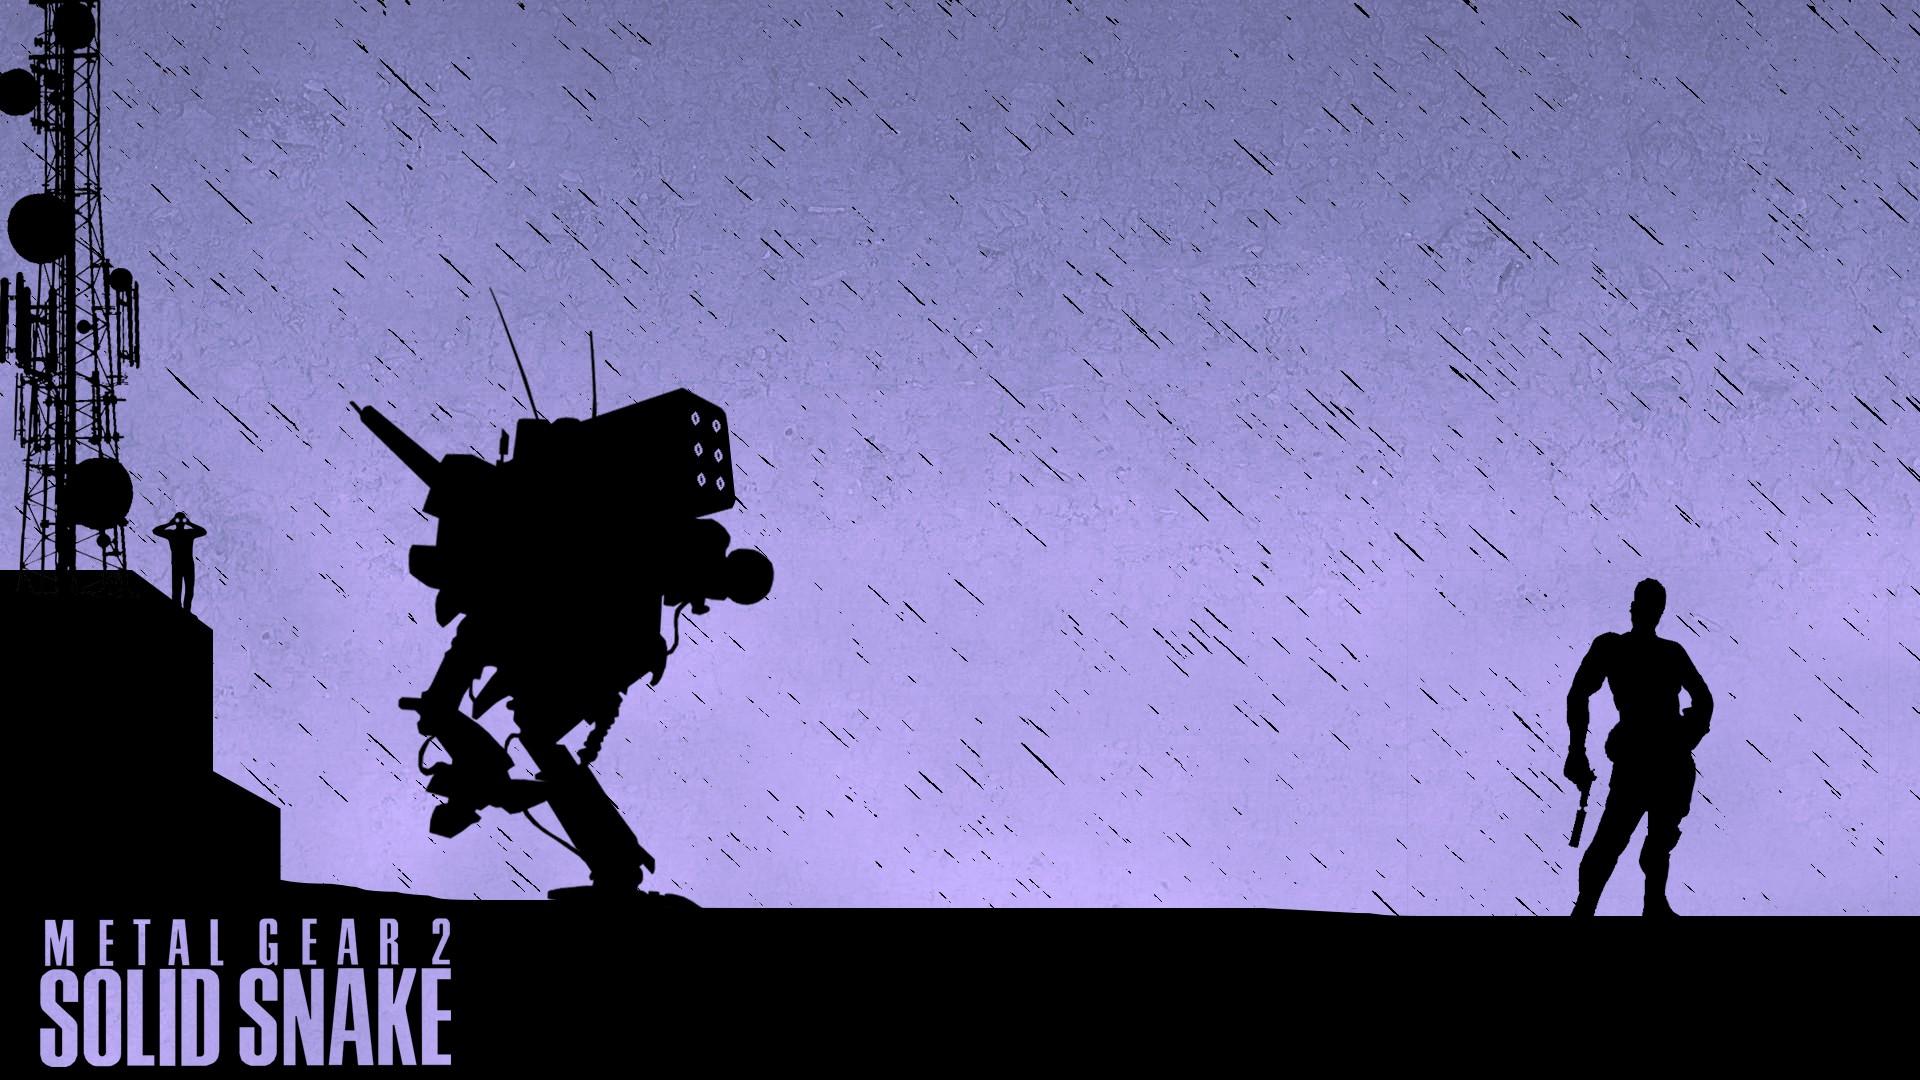 Wallpaper Sky Shadow Silhouette Metal Gear Solid Metal Gear